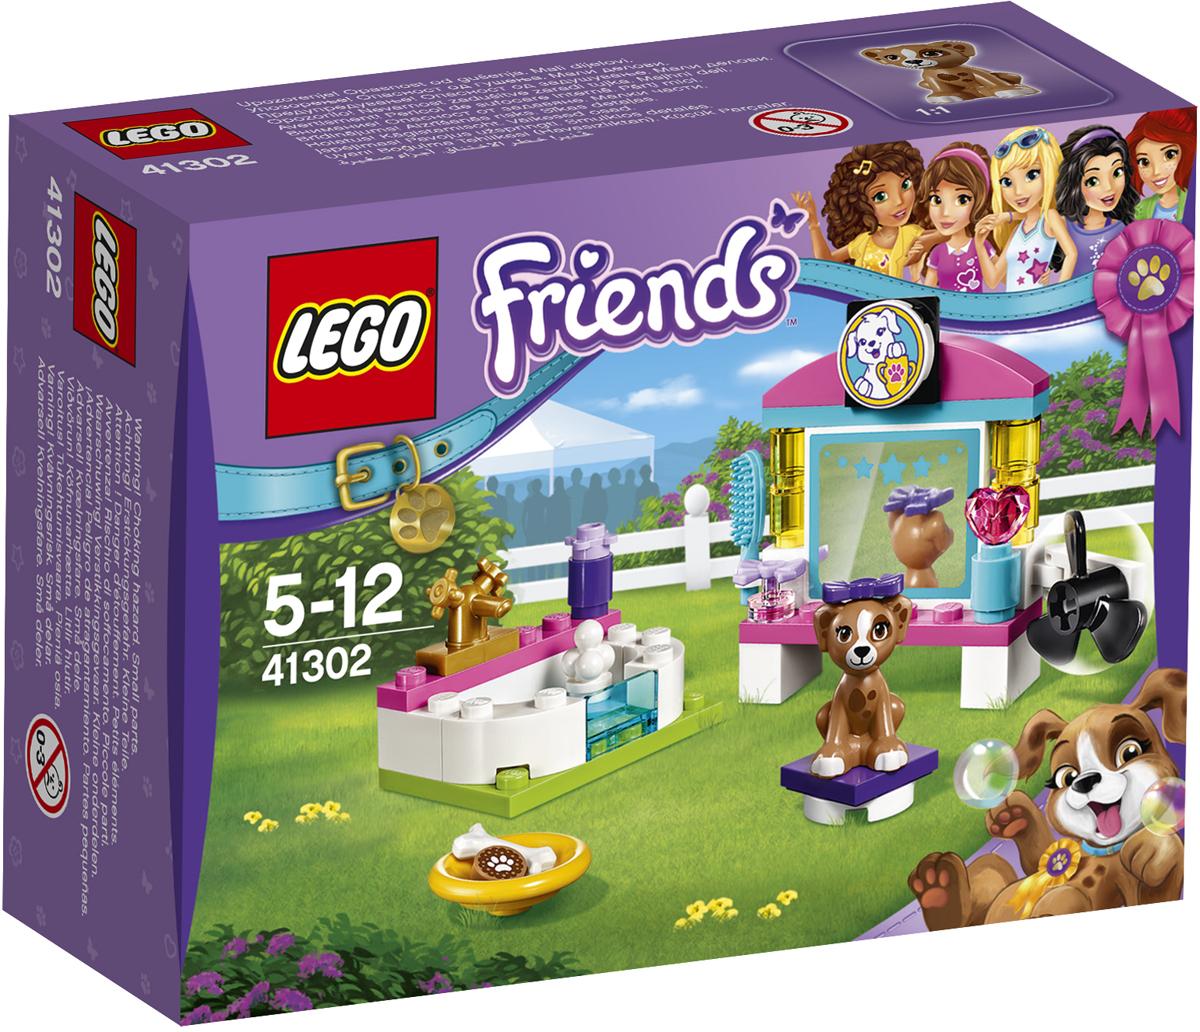 LEGO Friends Конструктор Выставка щенков Салон красоты 4130241302Заставь Лару прыгнуть в ванну и хорошенько вымой её шампунем для собак. Потом усади её на специальный табурет перед зеркалом, причёсывай и суши шёрстку феном. Сначала выполните все процедуры и только потом дай собаке косточку на удачу!